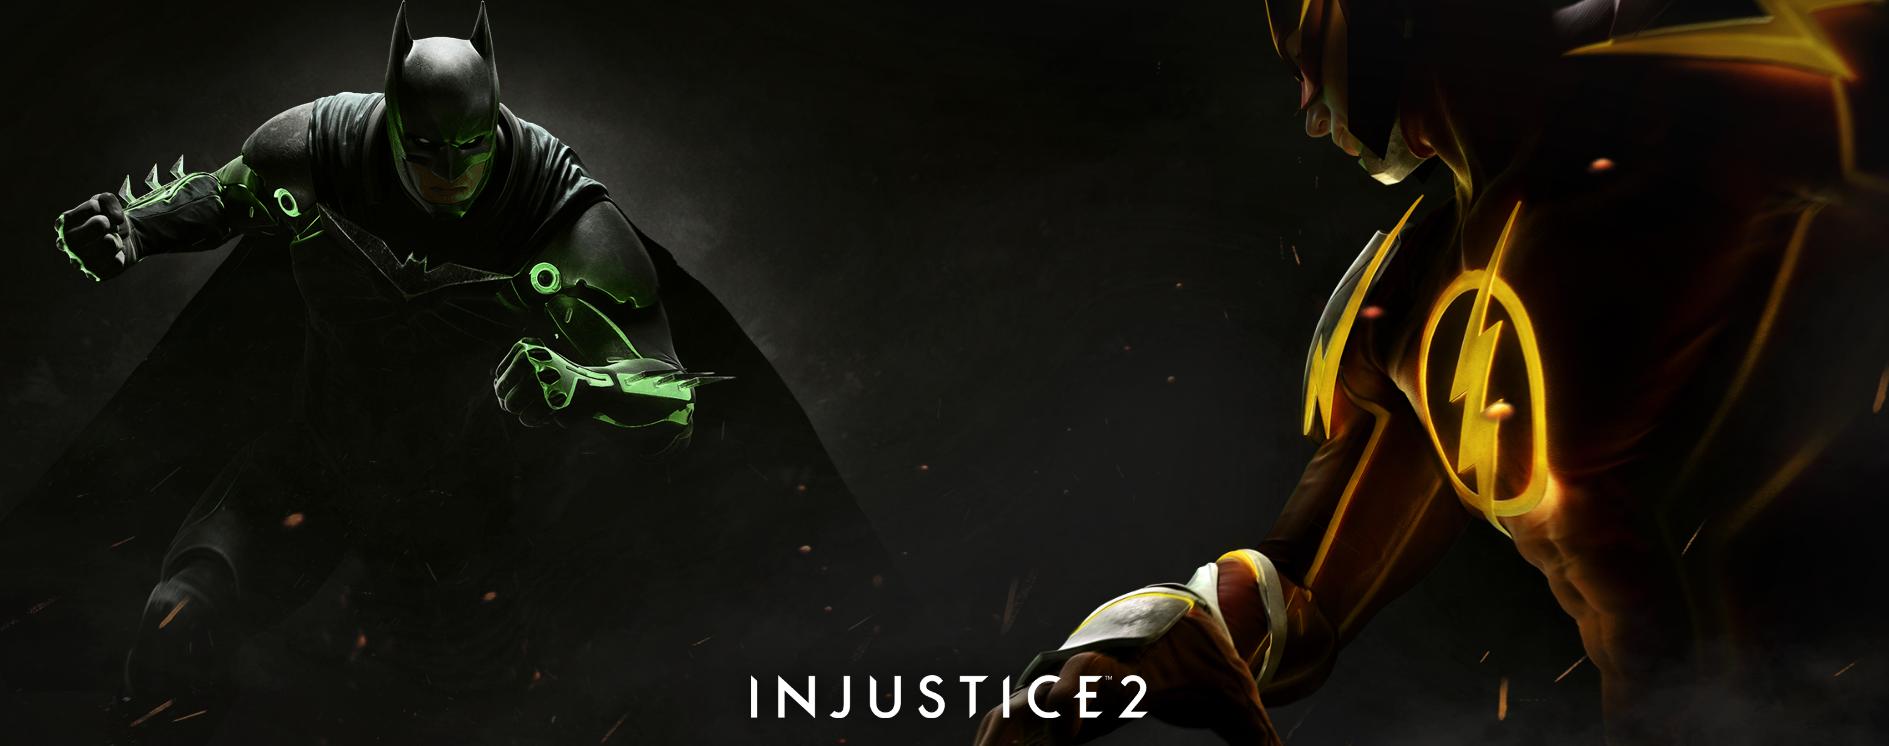 Primer vídeo con Gameplay de Injustice 2 y atención porque tiene pintaca